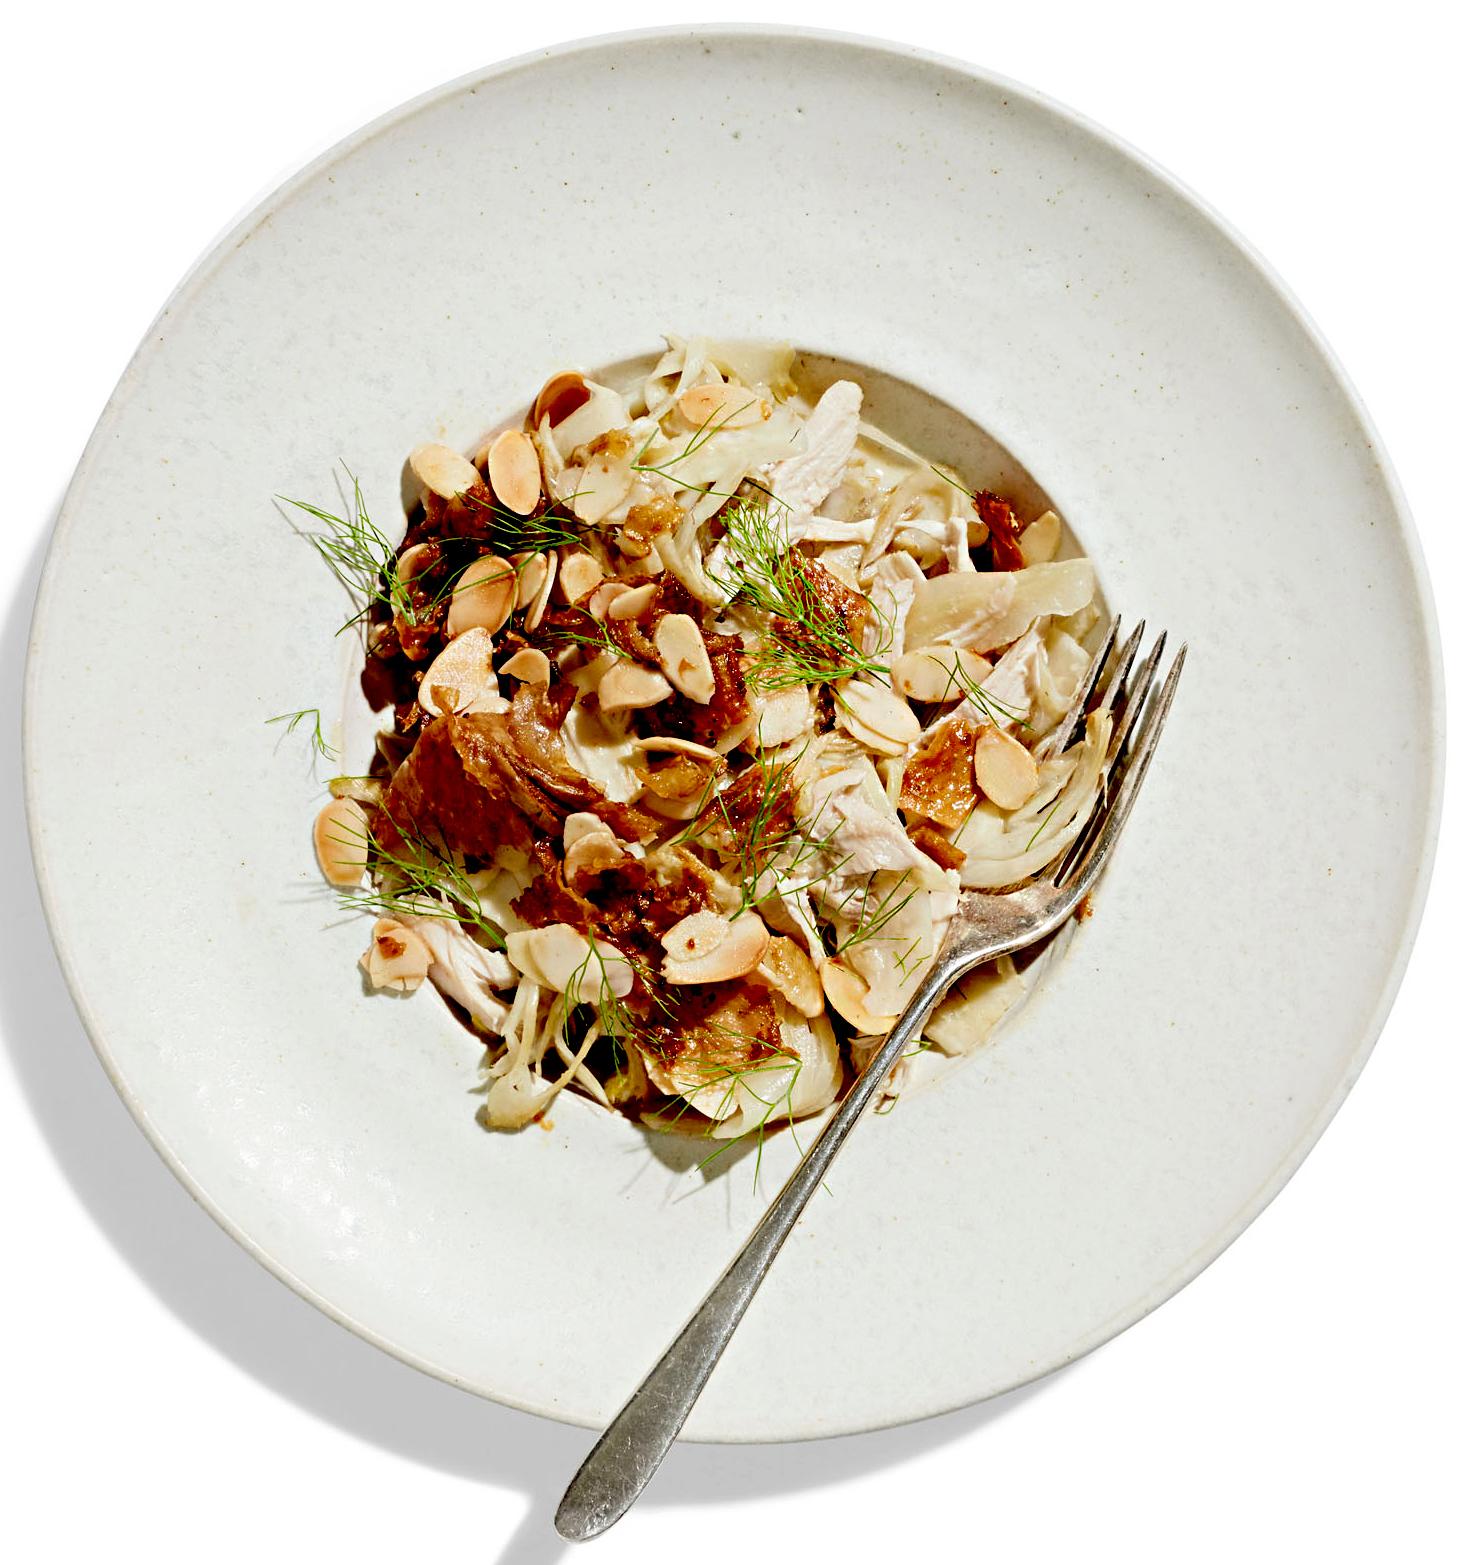 chicken-and-fennel-gratin-with-crispy-chicken-skin-78627af0